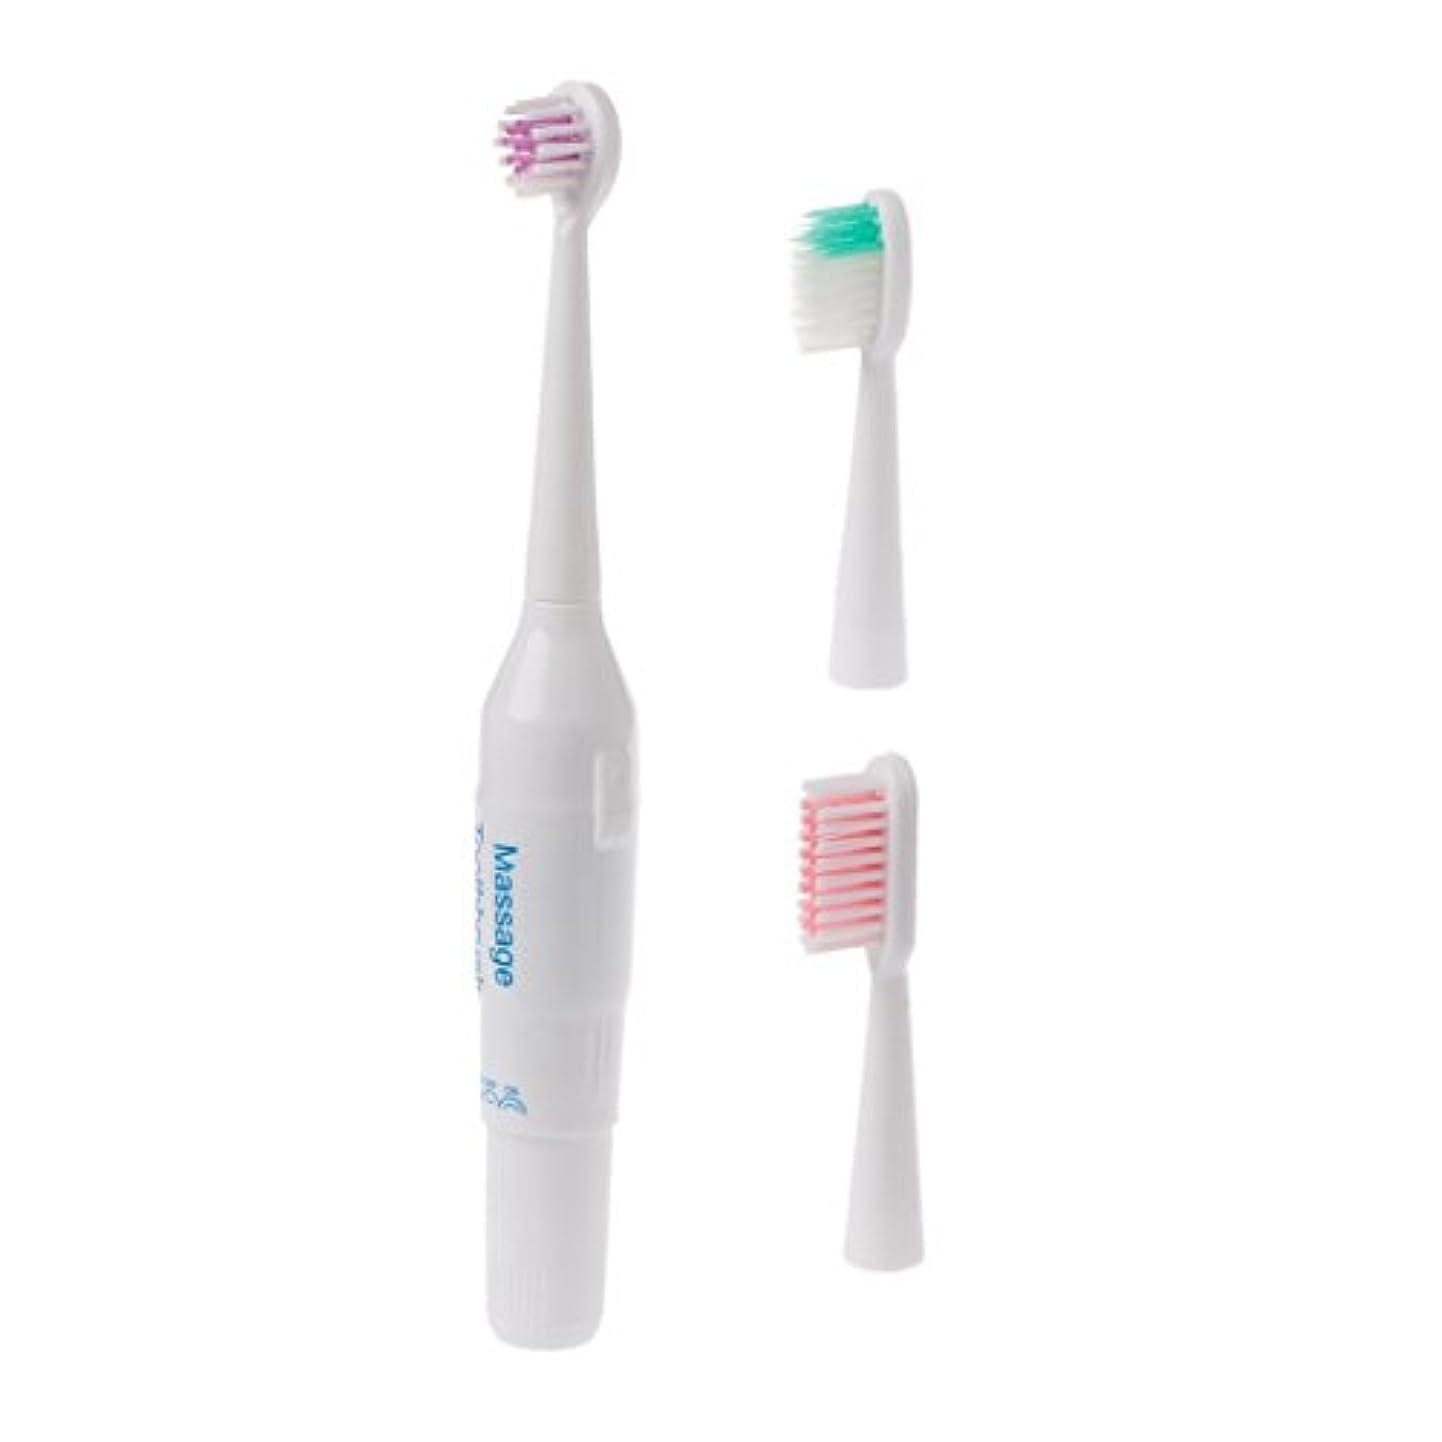 今後適用済みまた明日ねManyao キッズプロフェッショナル口腔ケアクリーン電気歯ブラシパワーベビー用歯ブラシ